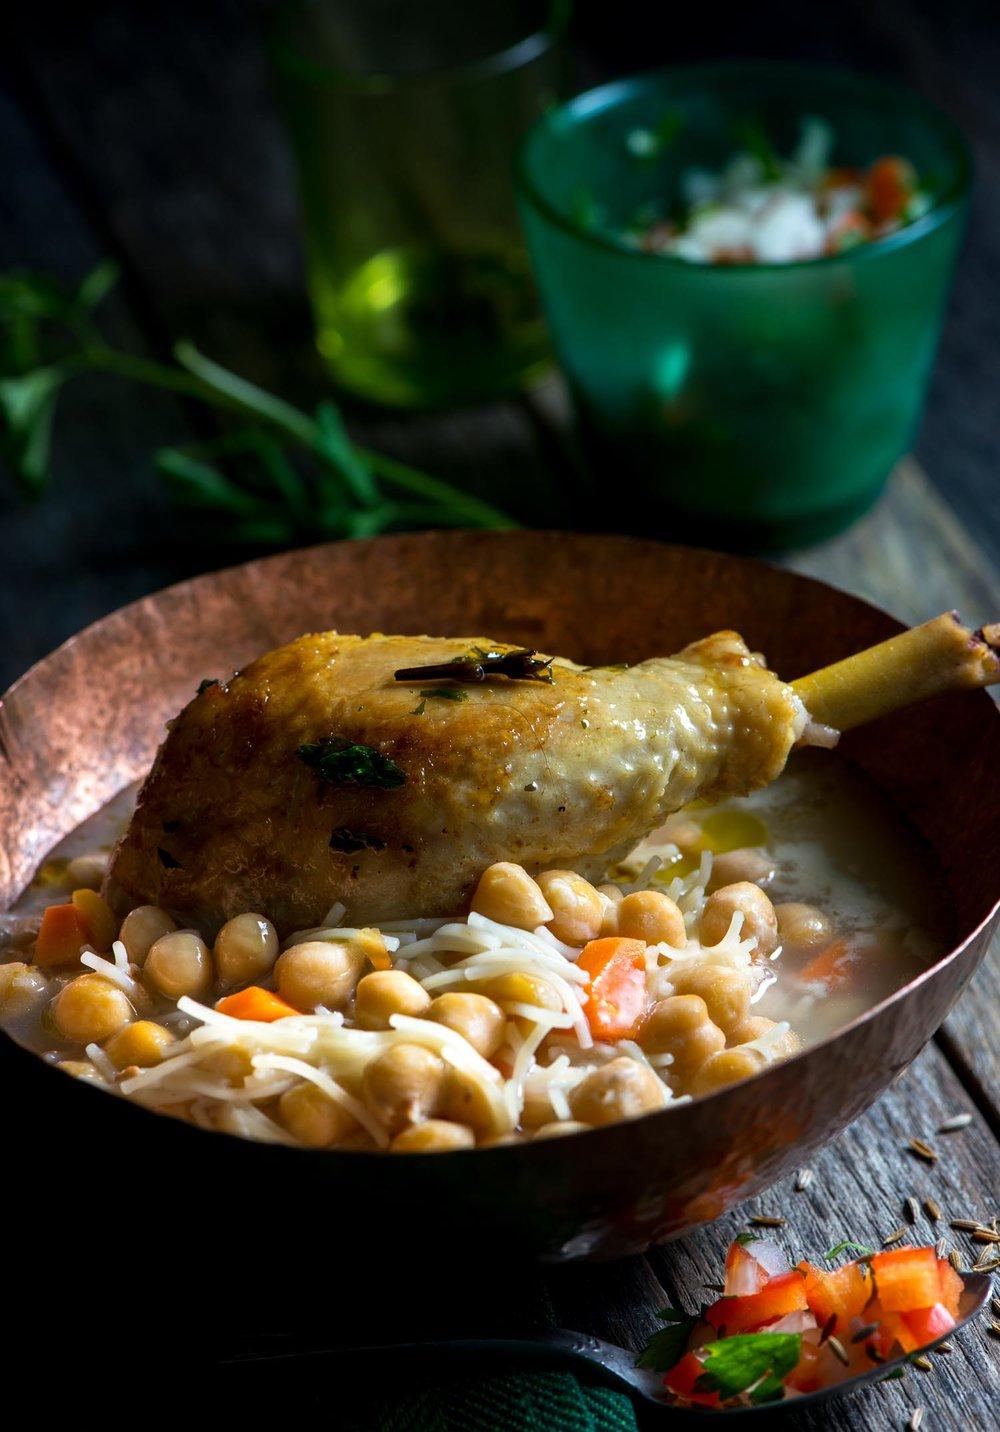 03419 Sopa de garbanzos con pollo crujiente.jpg